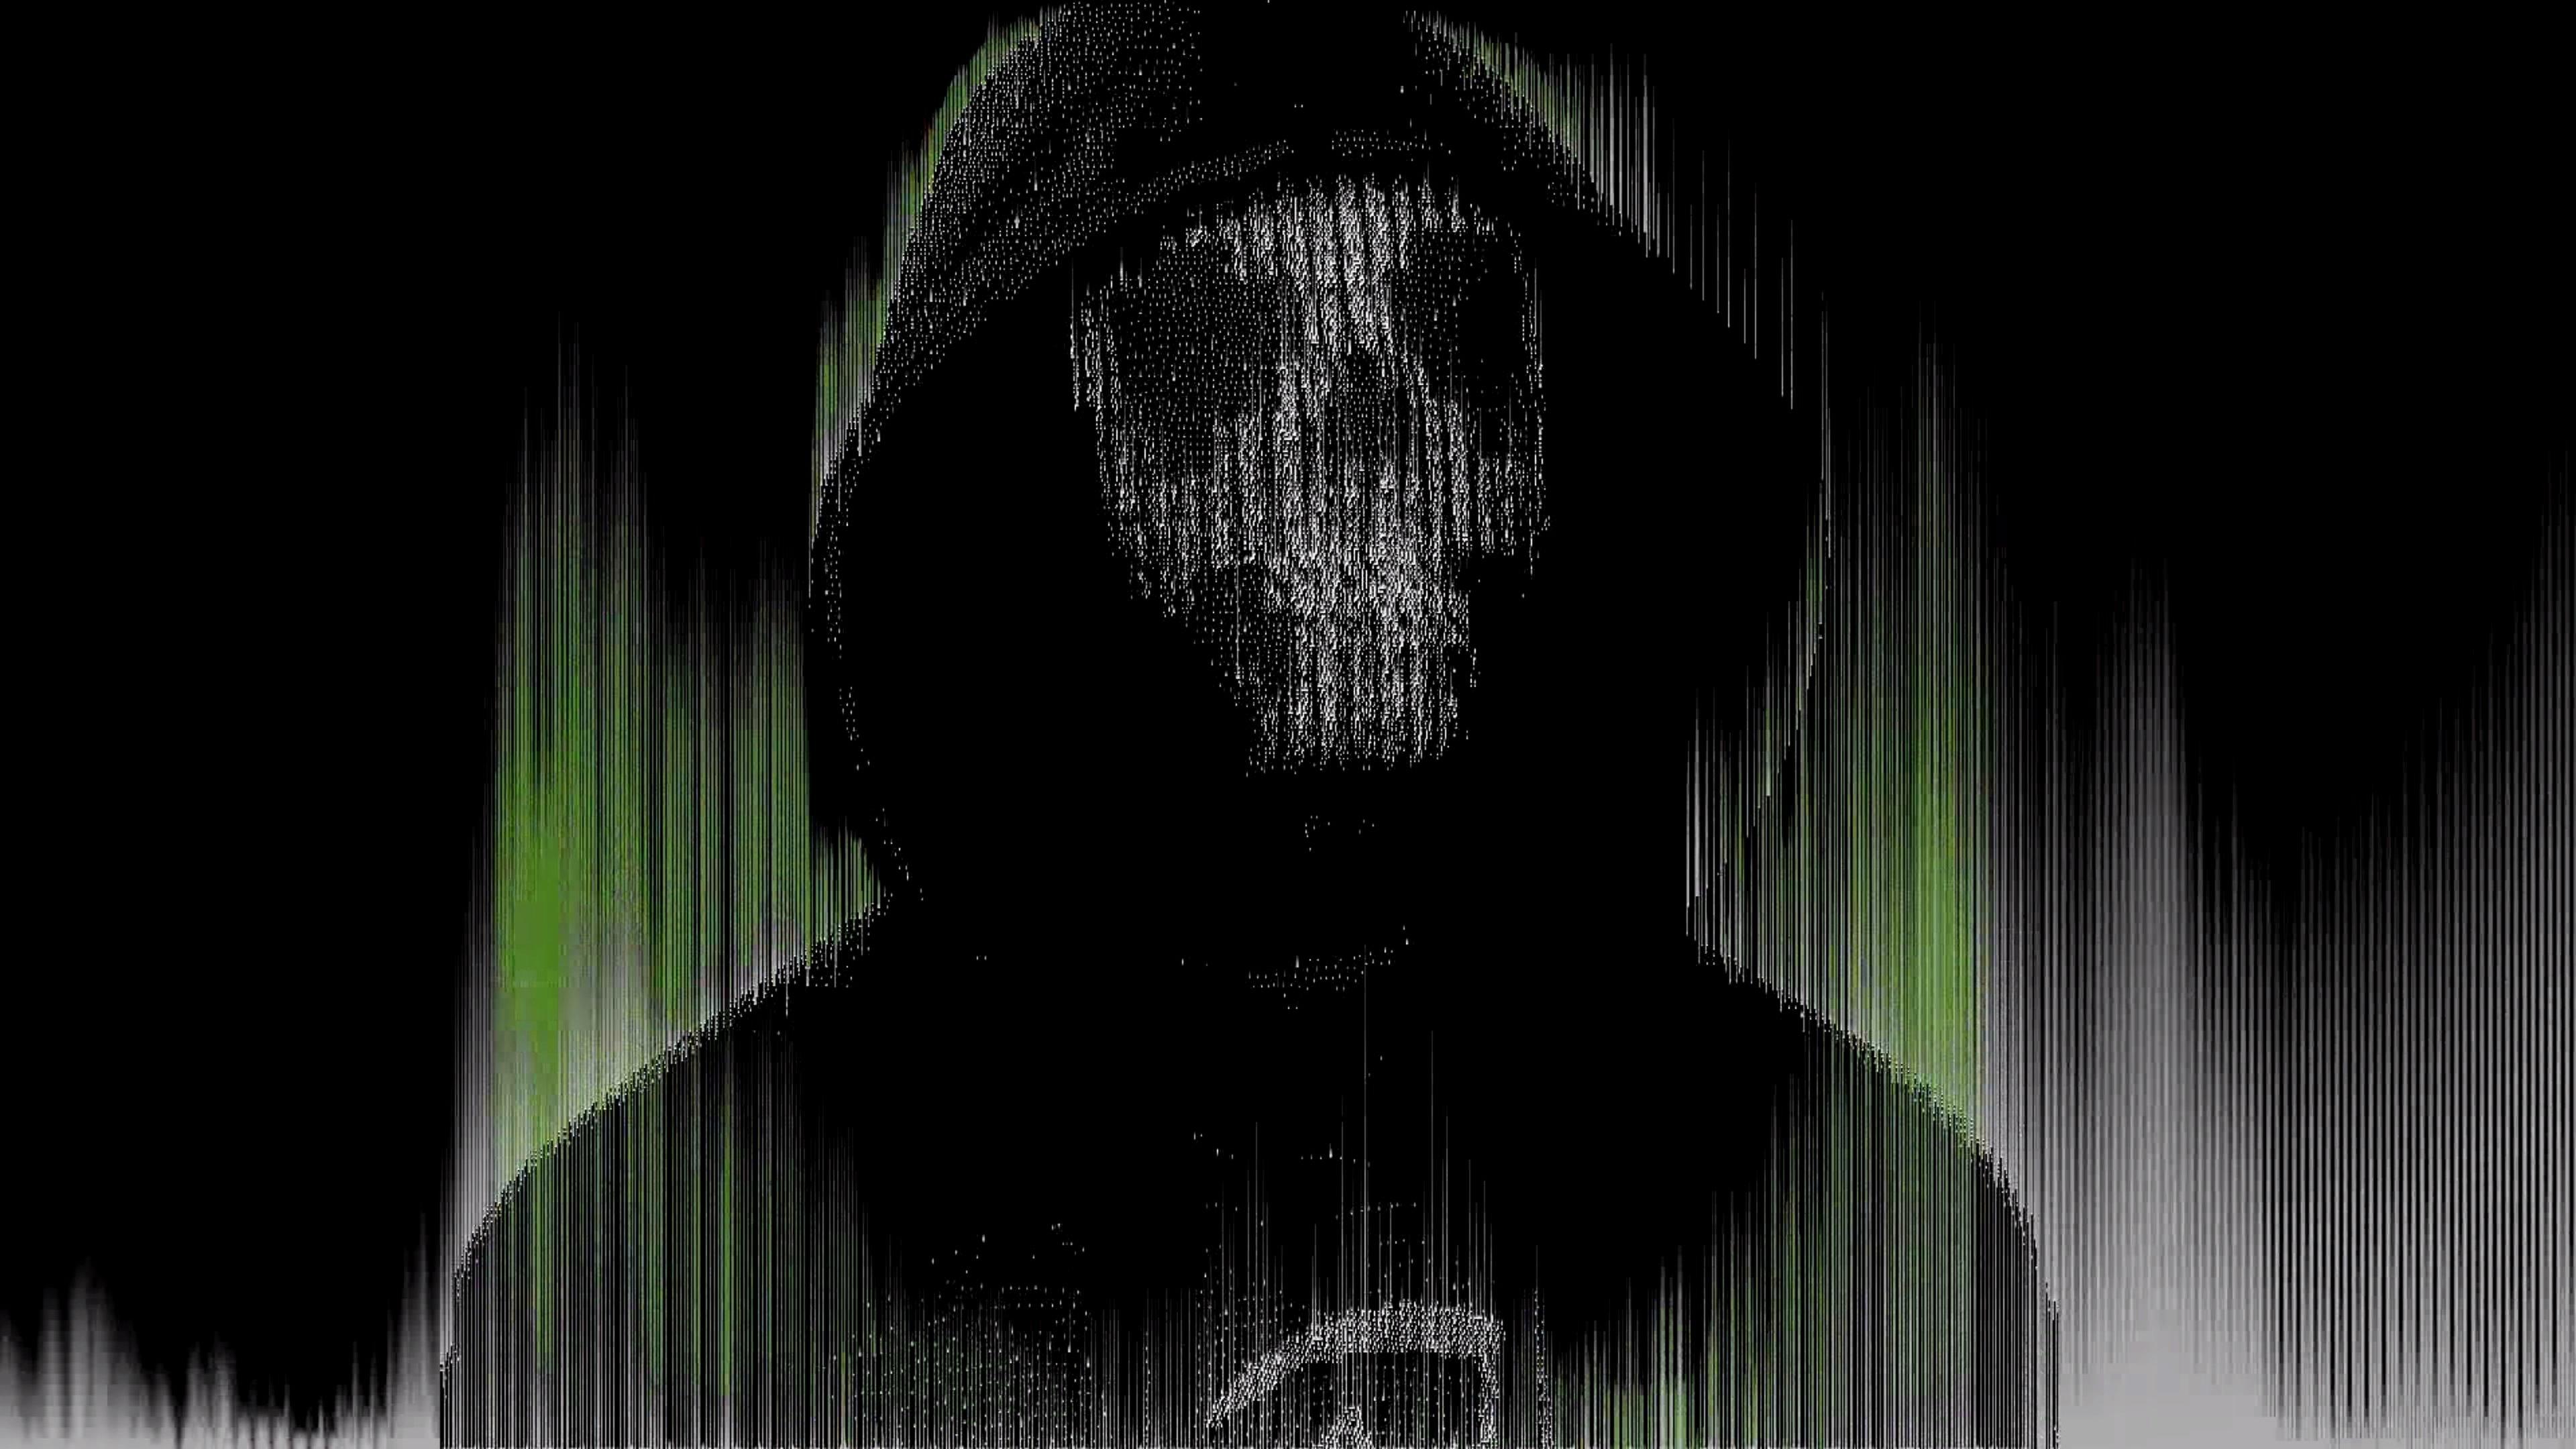 Wallpaper ,DedSec ,Watch, Dogs 2, Hacker, 4K Desktop